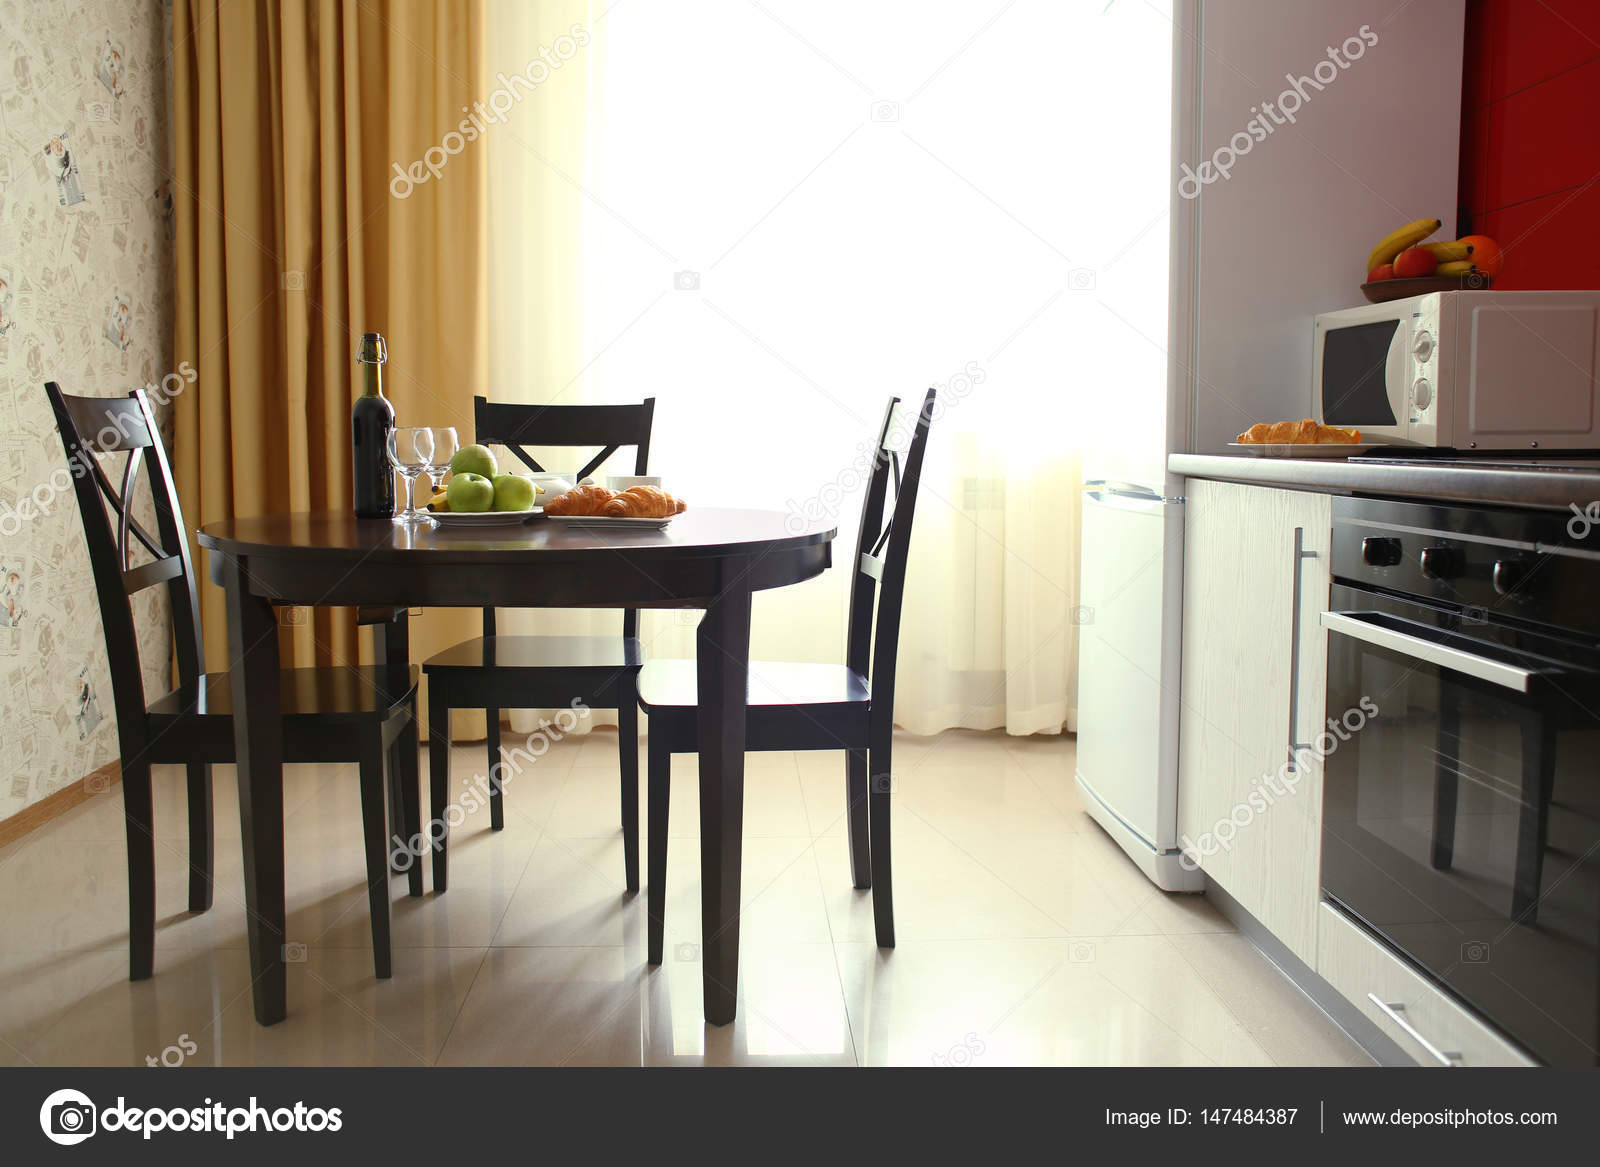 Interni Moderni Cucine : Interni moderni della cucina u2014 foto stock © belchonock #147484387